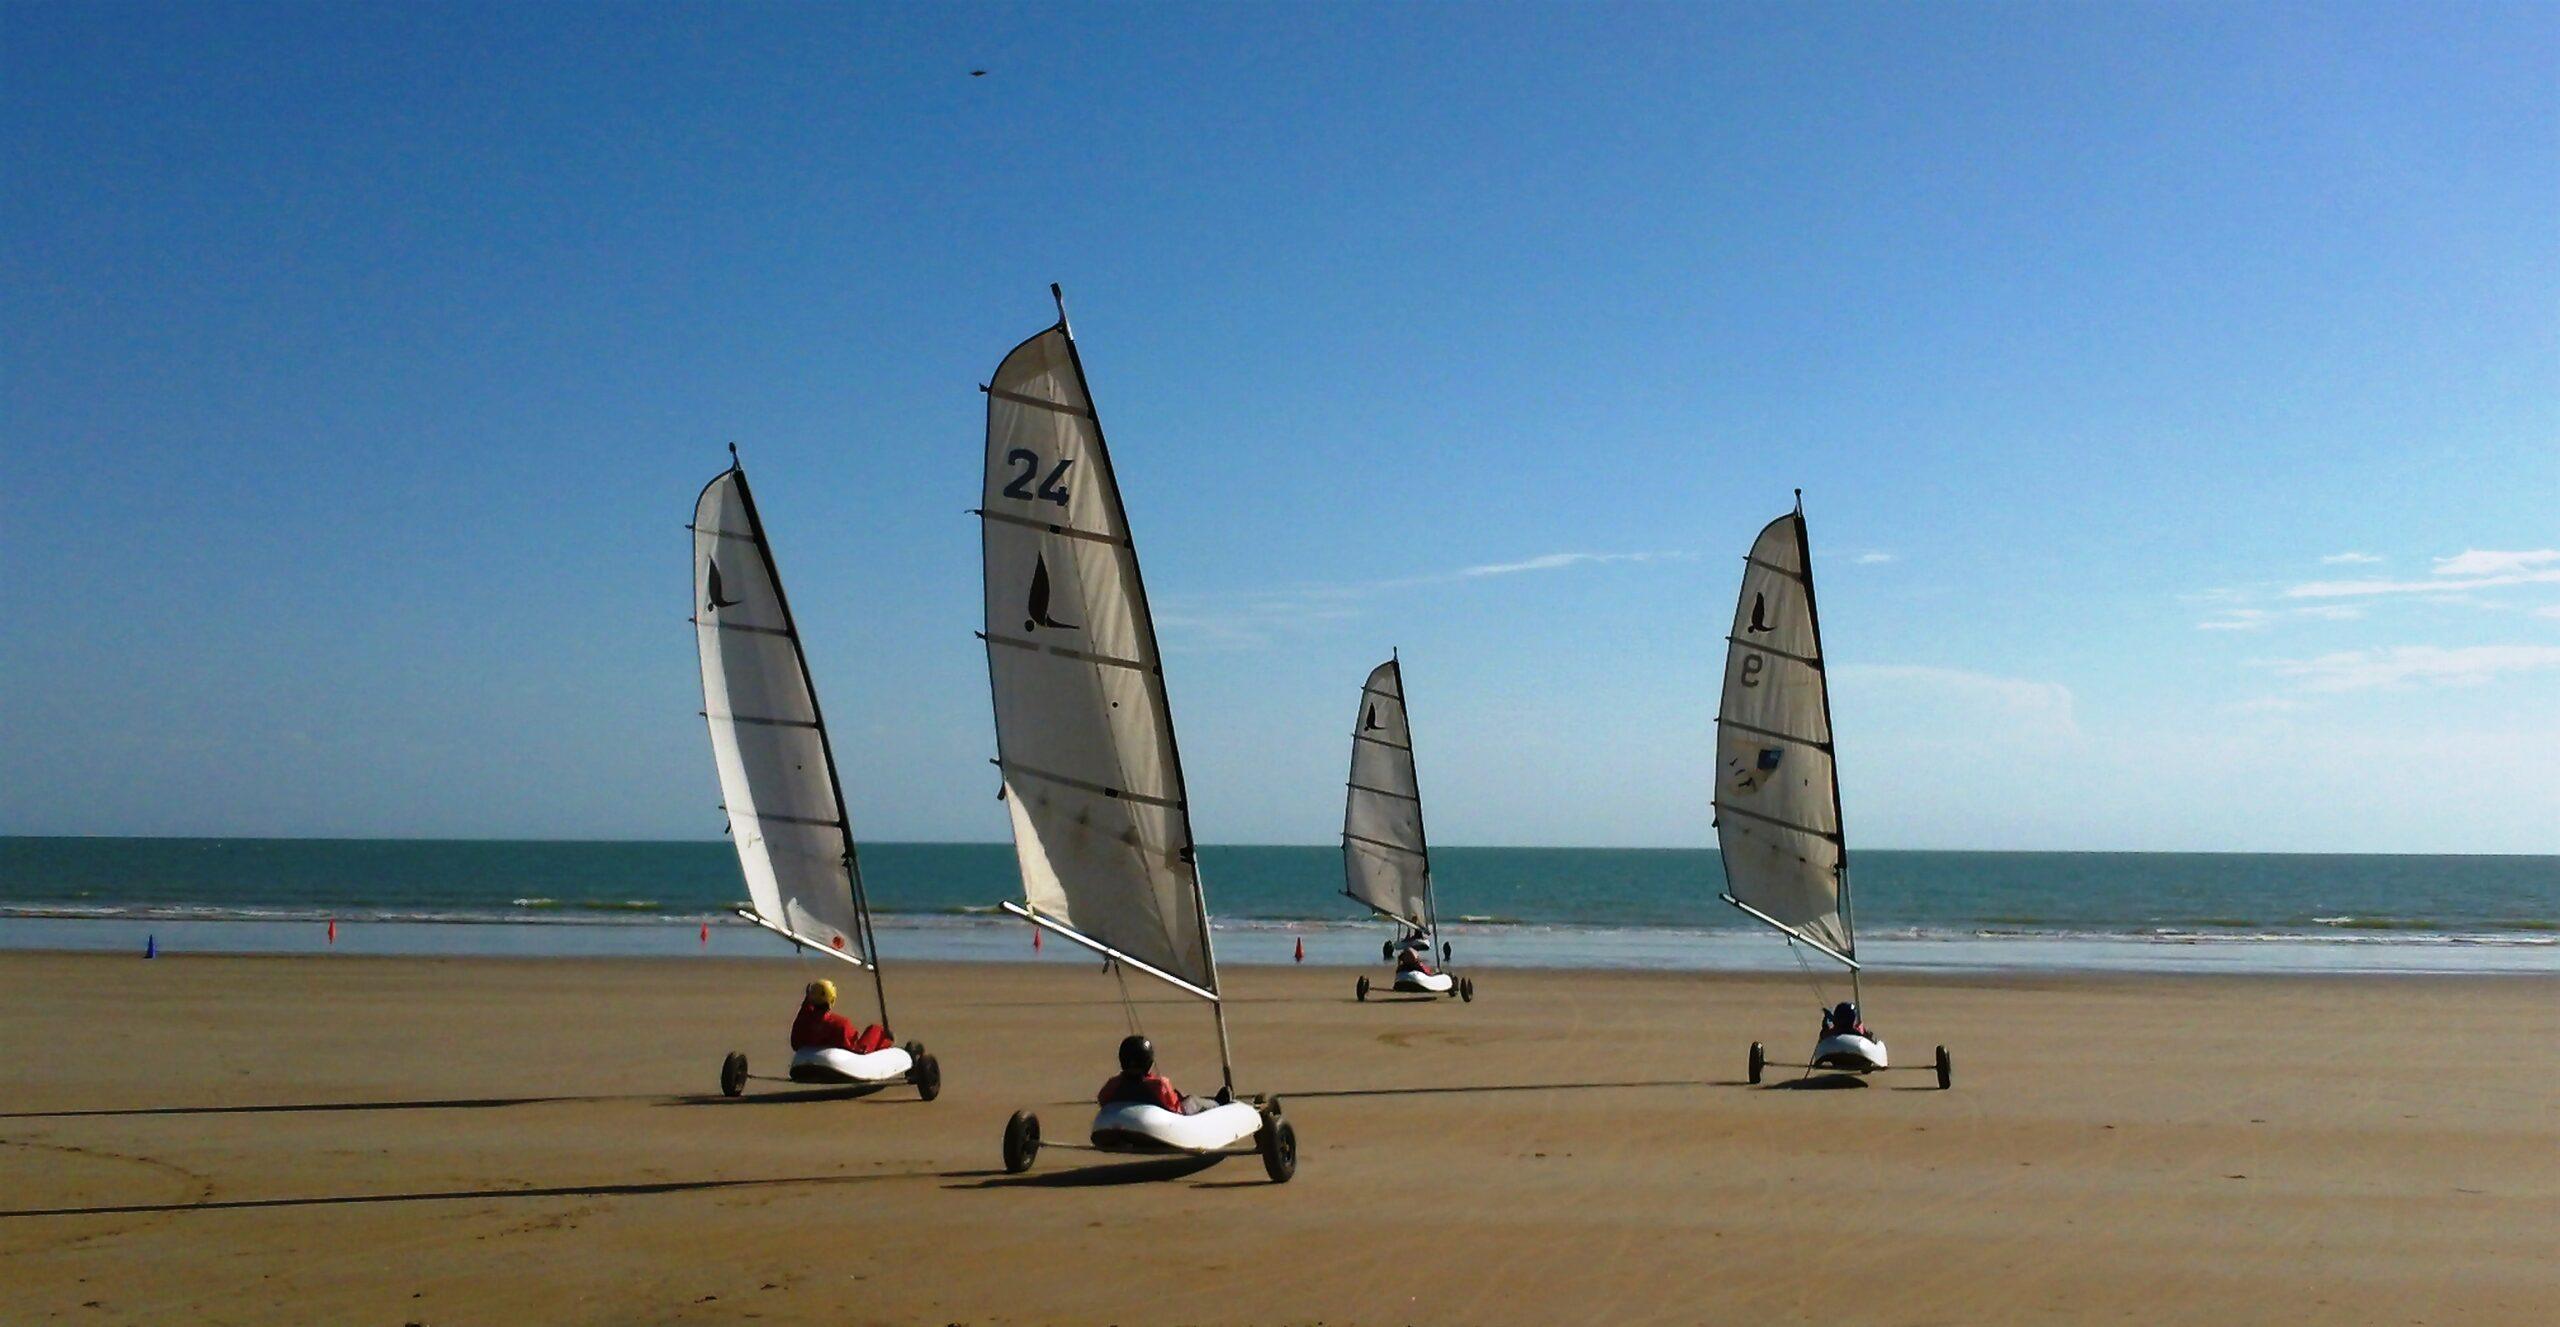 sand-sailing-beaches-saint-jean-de-monts